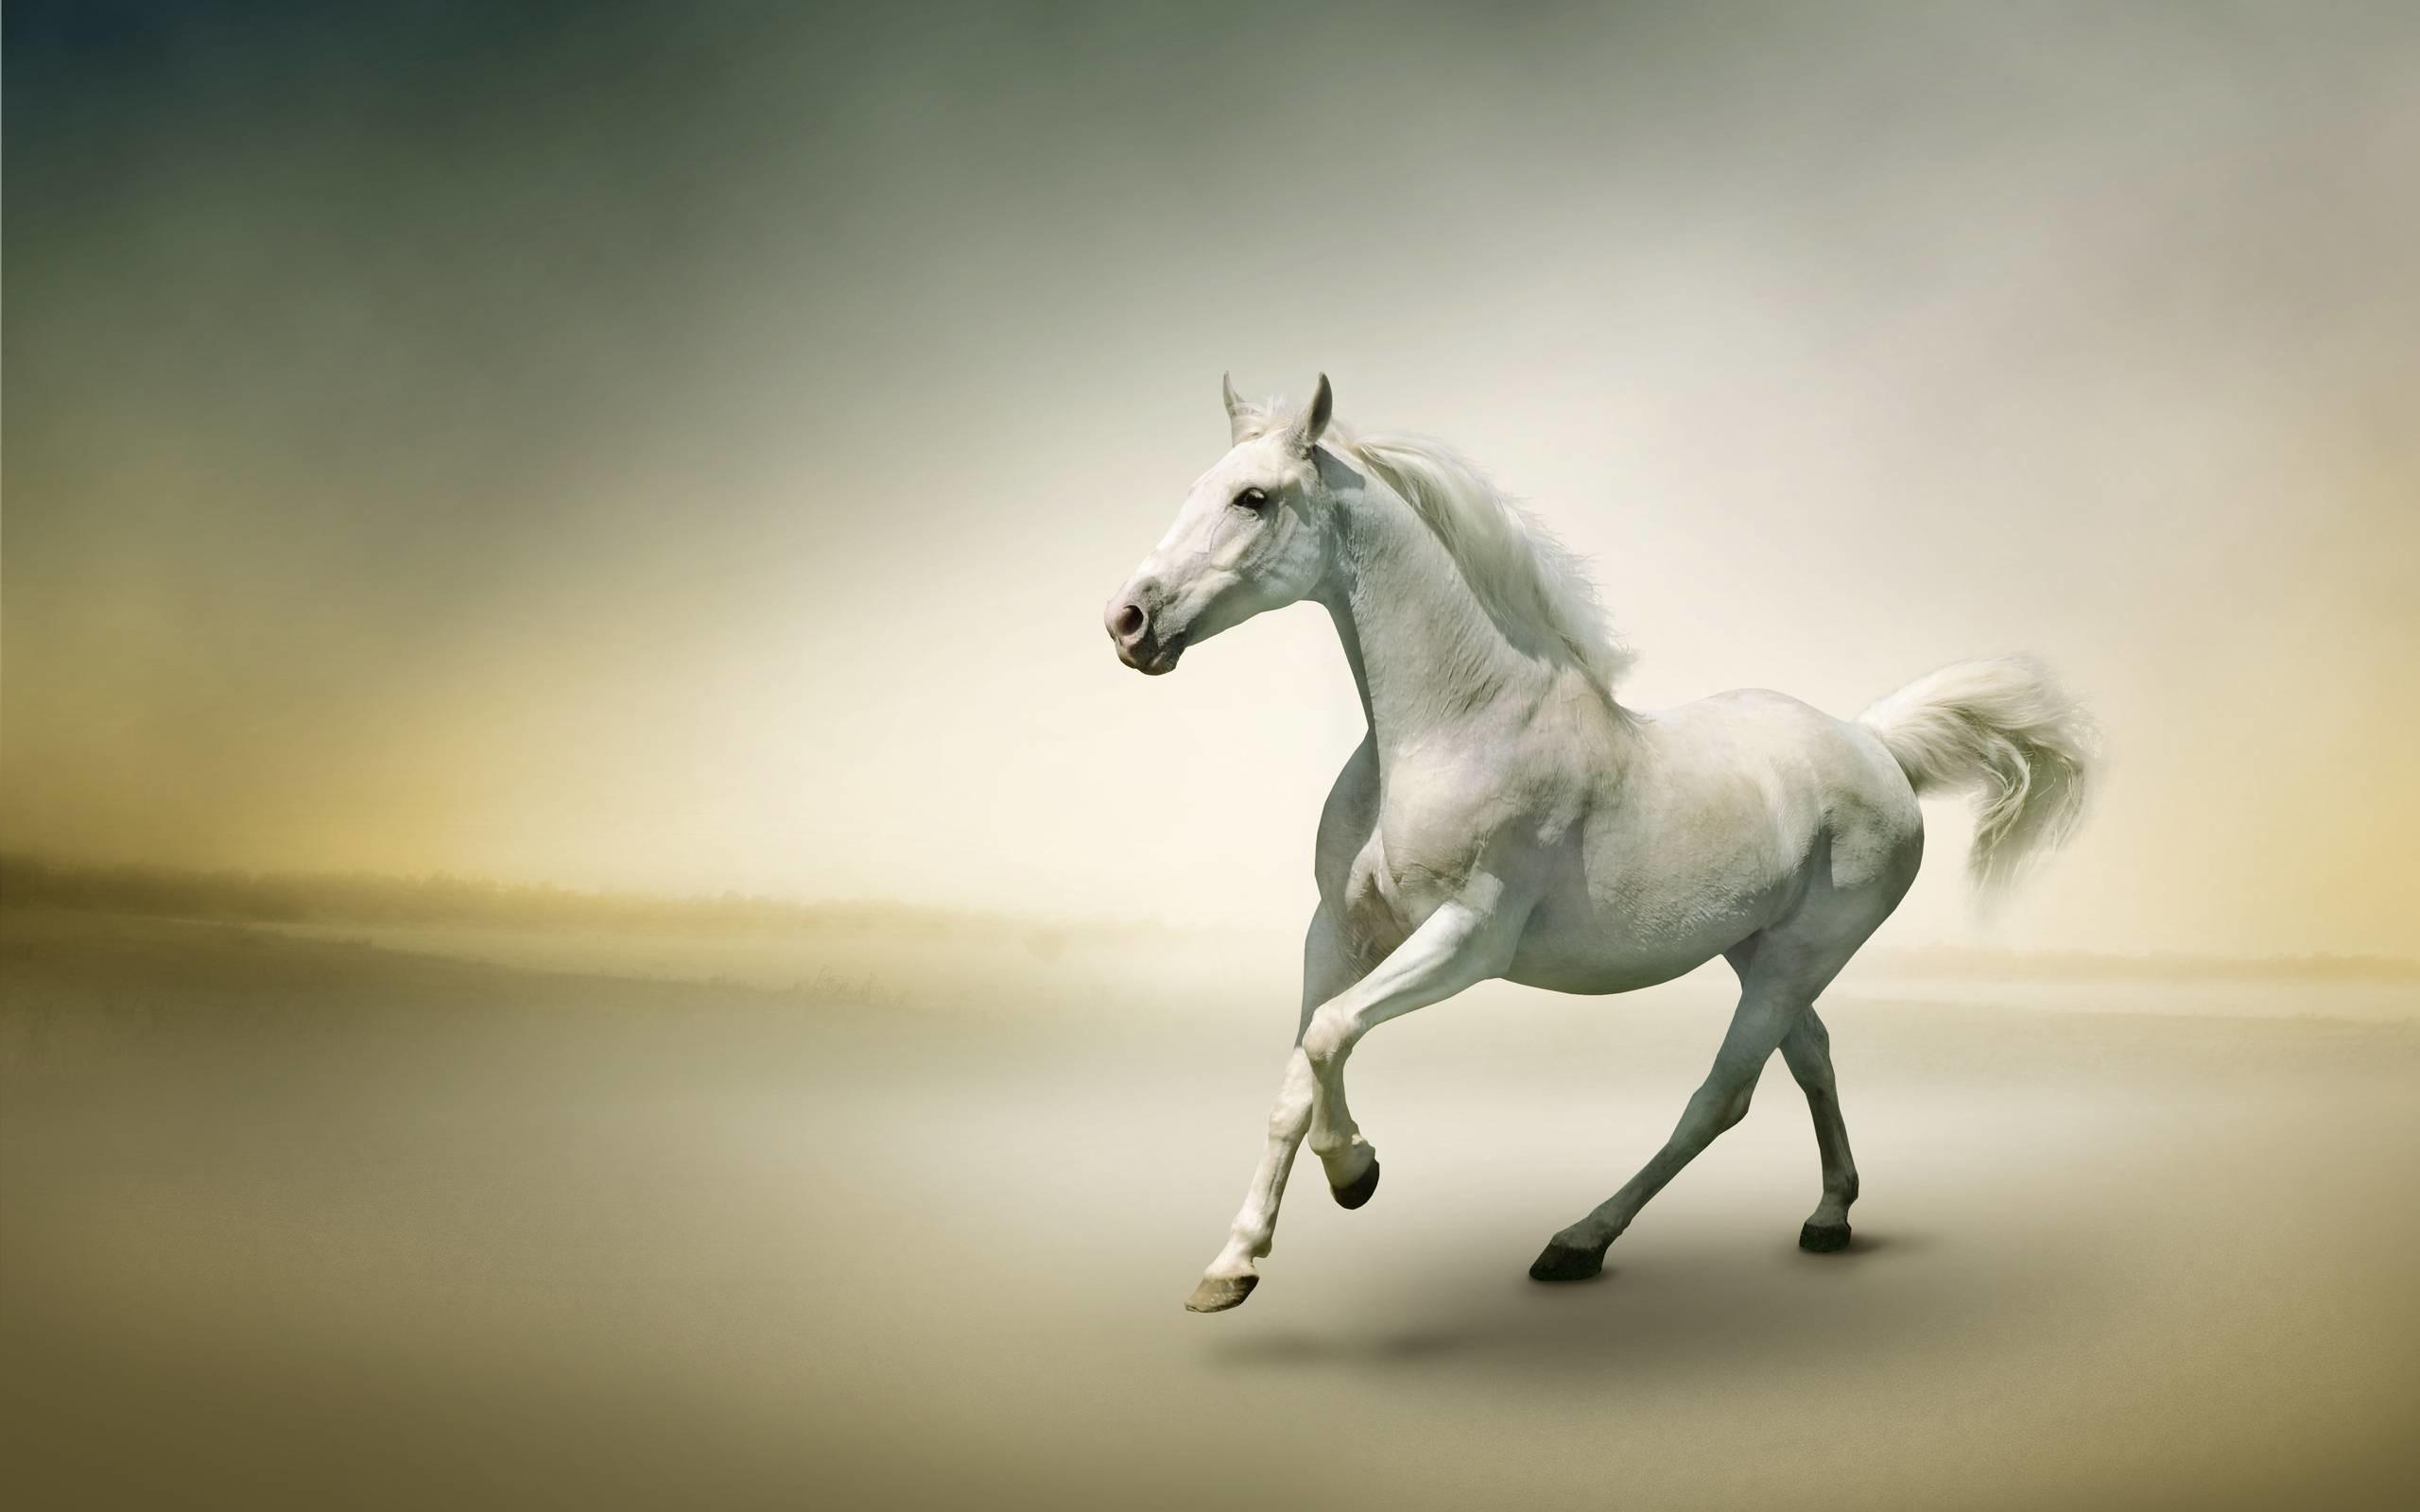 52 Beautiful Horse Desktop Wallpaper On Wallpapersafari